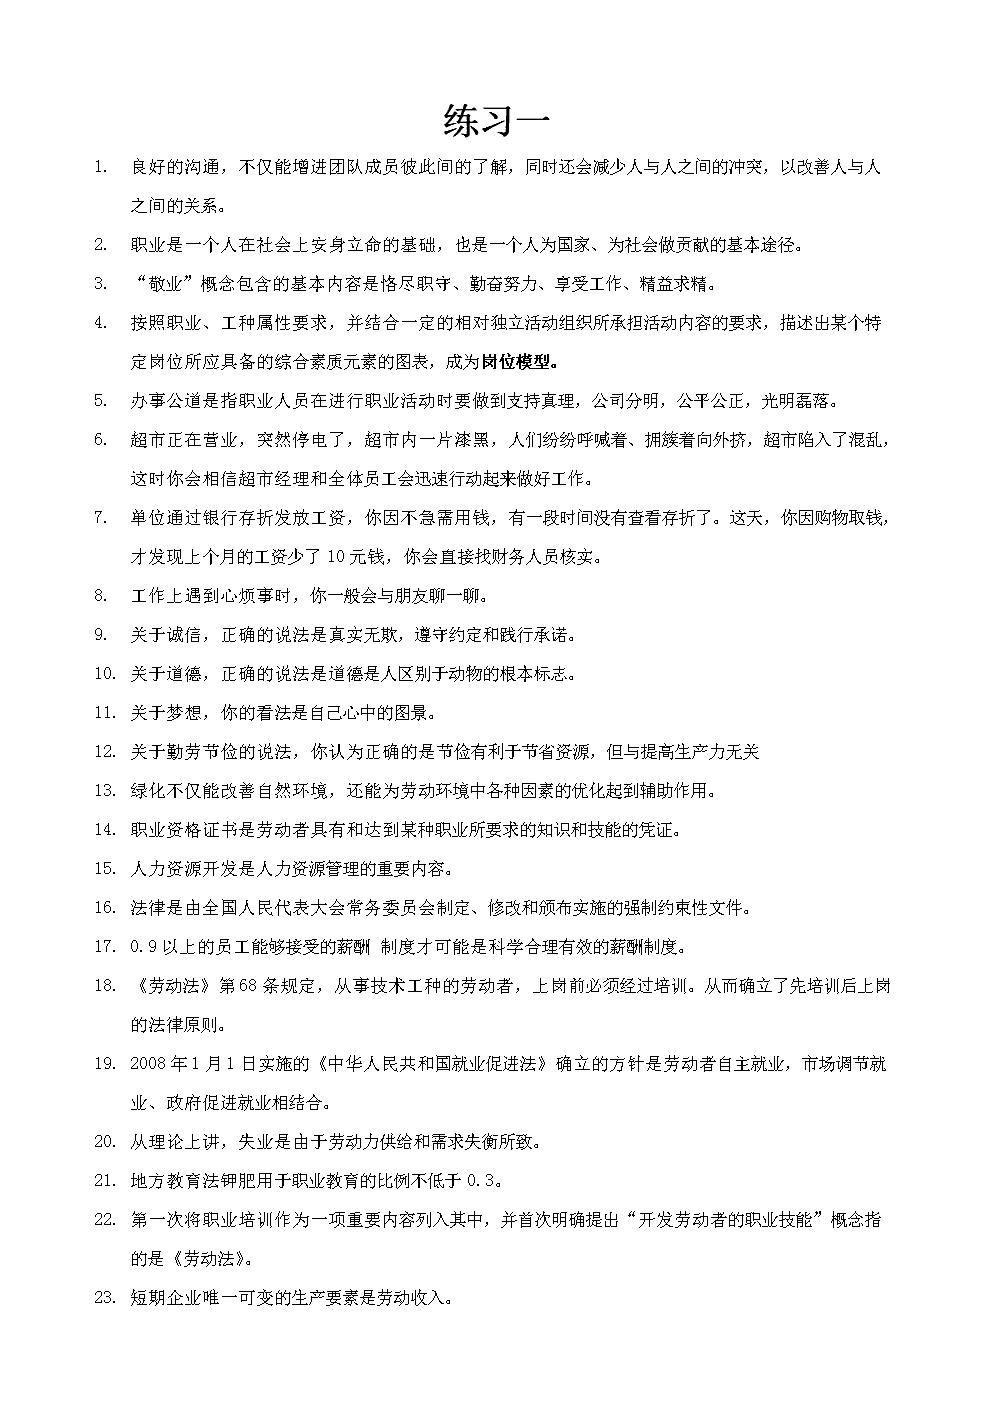 2015年宁波市人才培训中心企业培训师讲师试题.doc